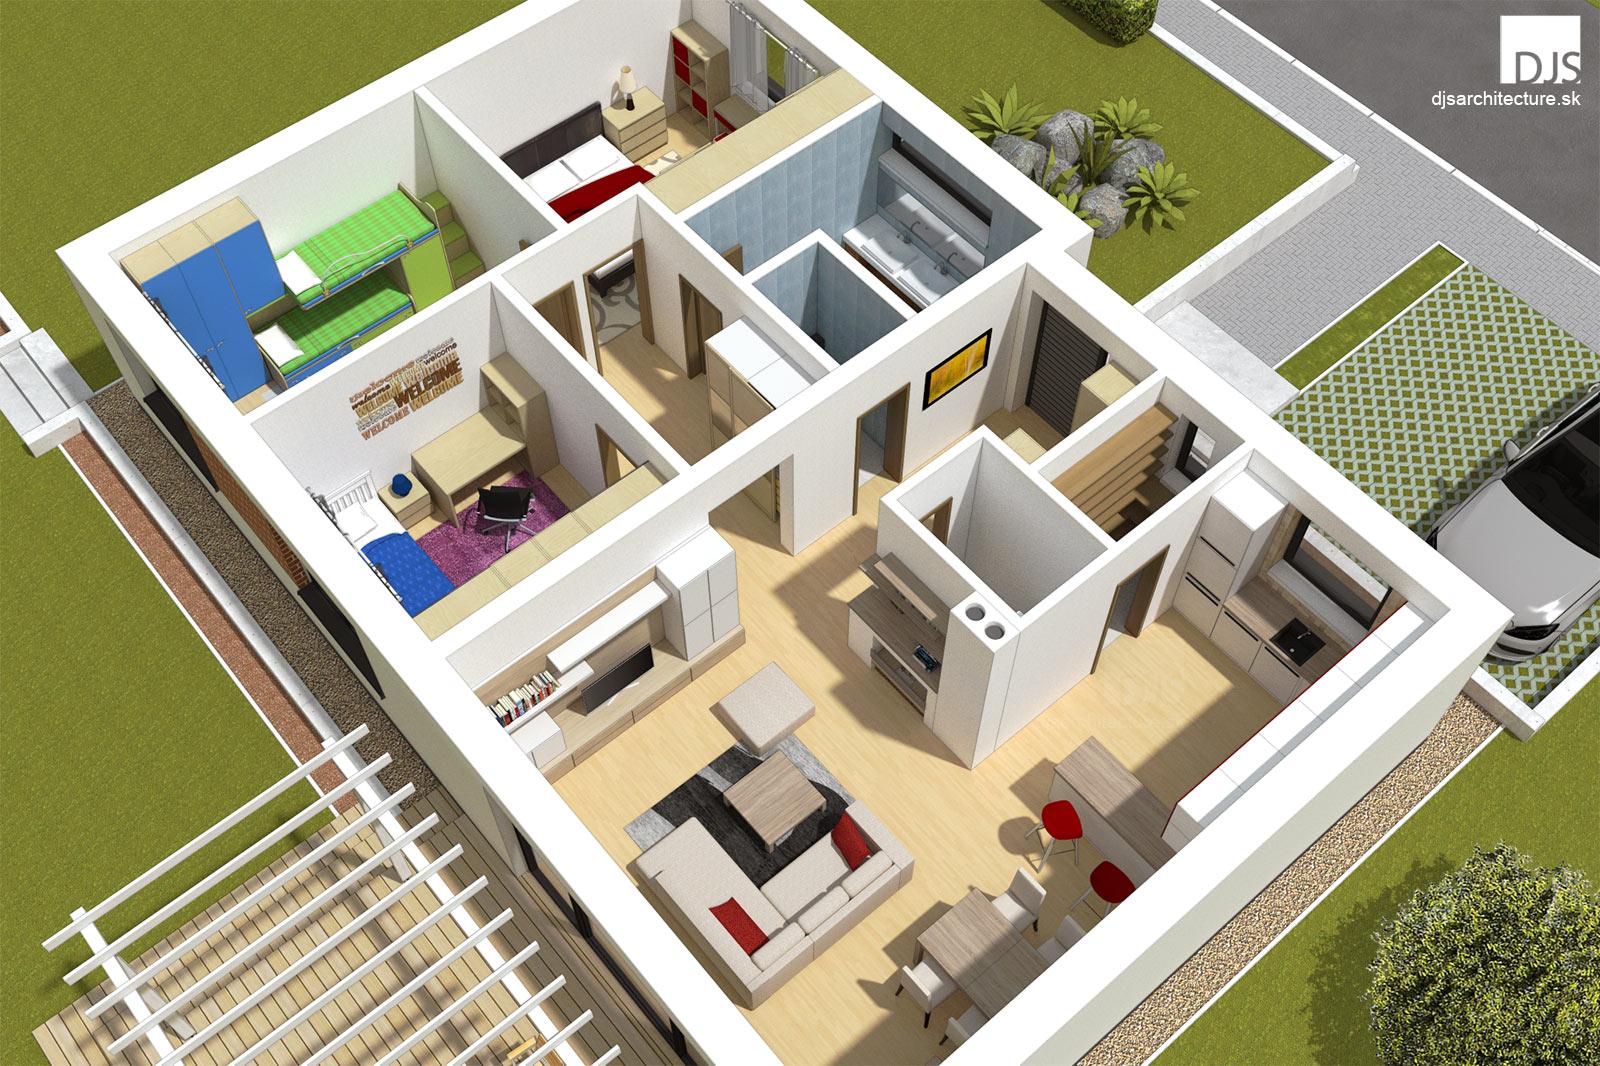 3 Bedroom Bungalow Floor Plans